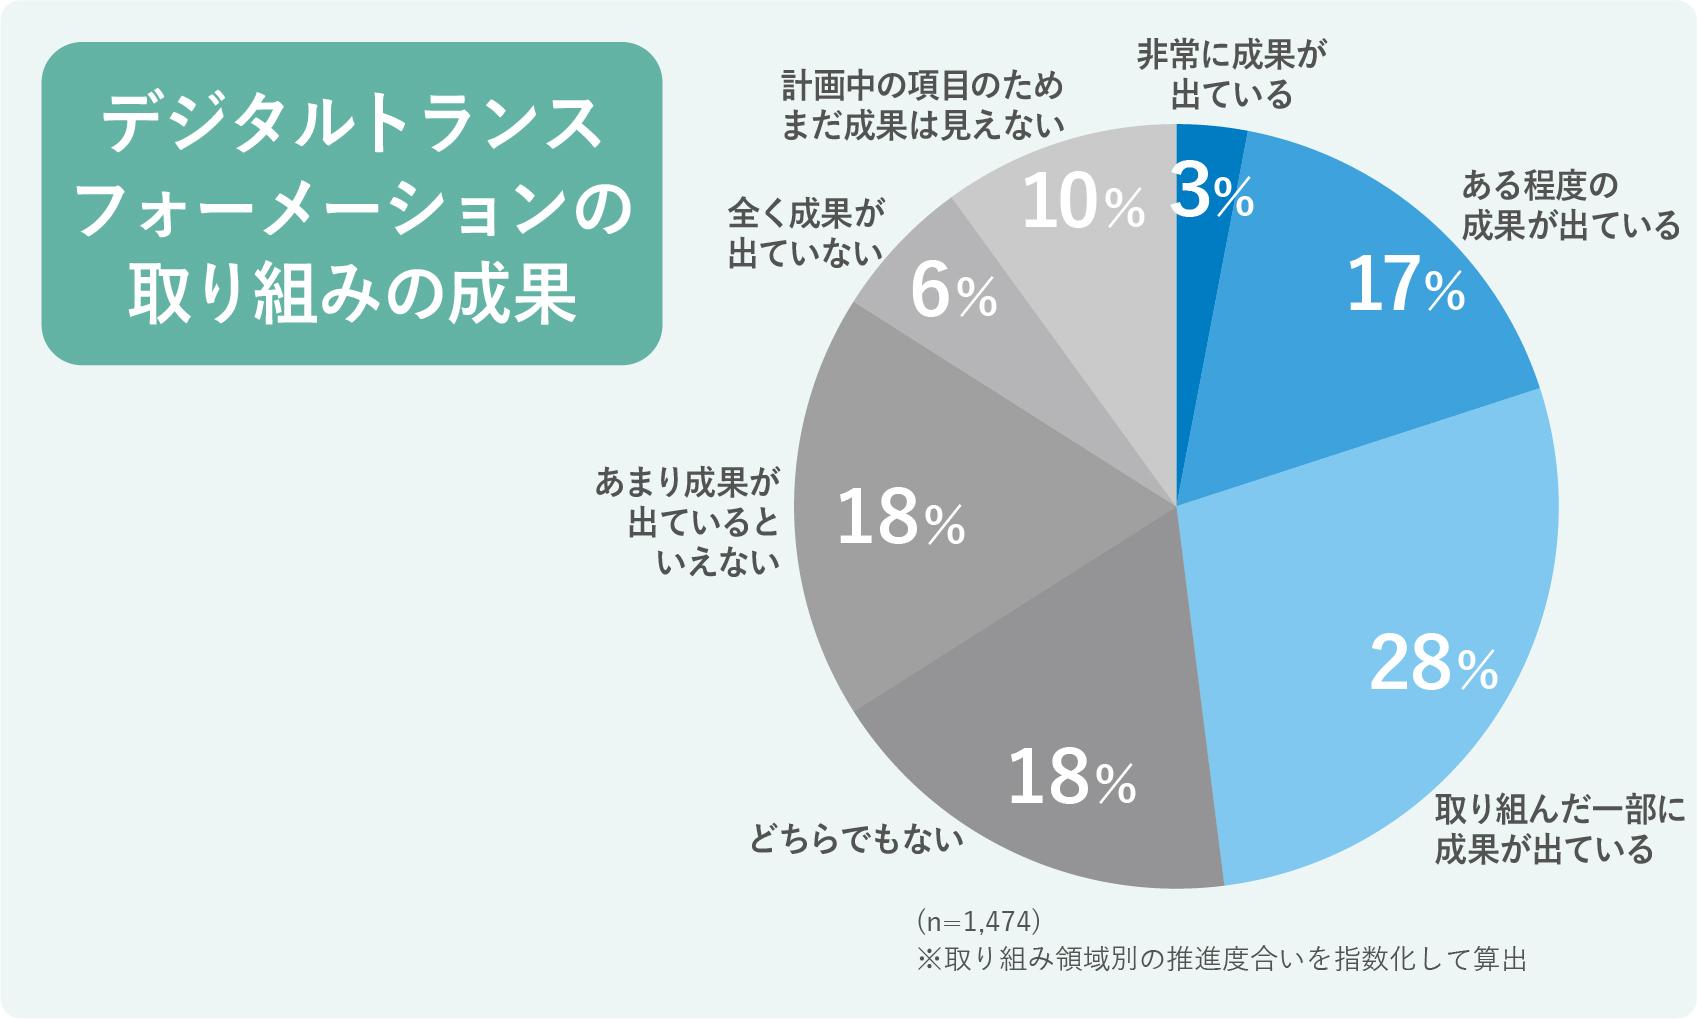 企業におけるDX推進の成果グラフ